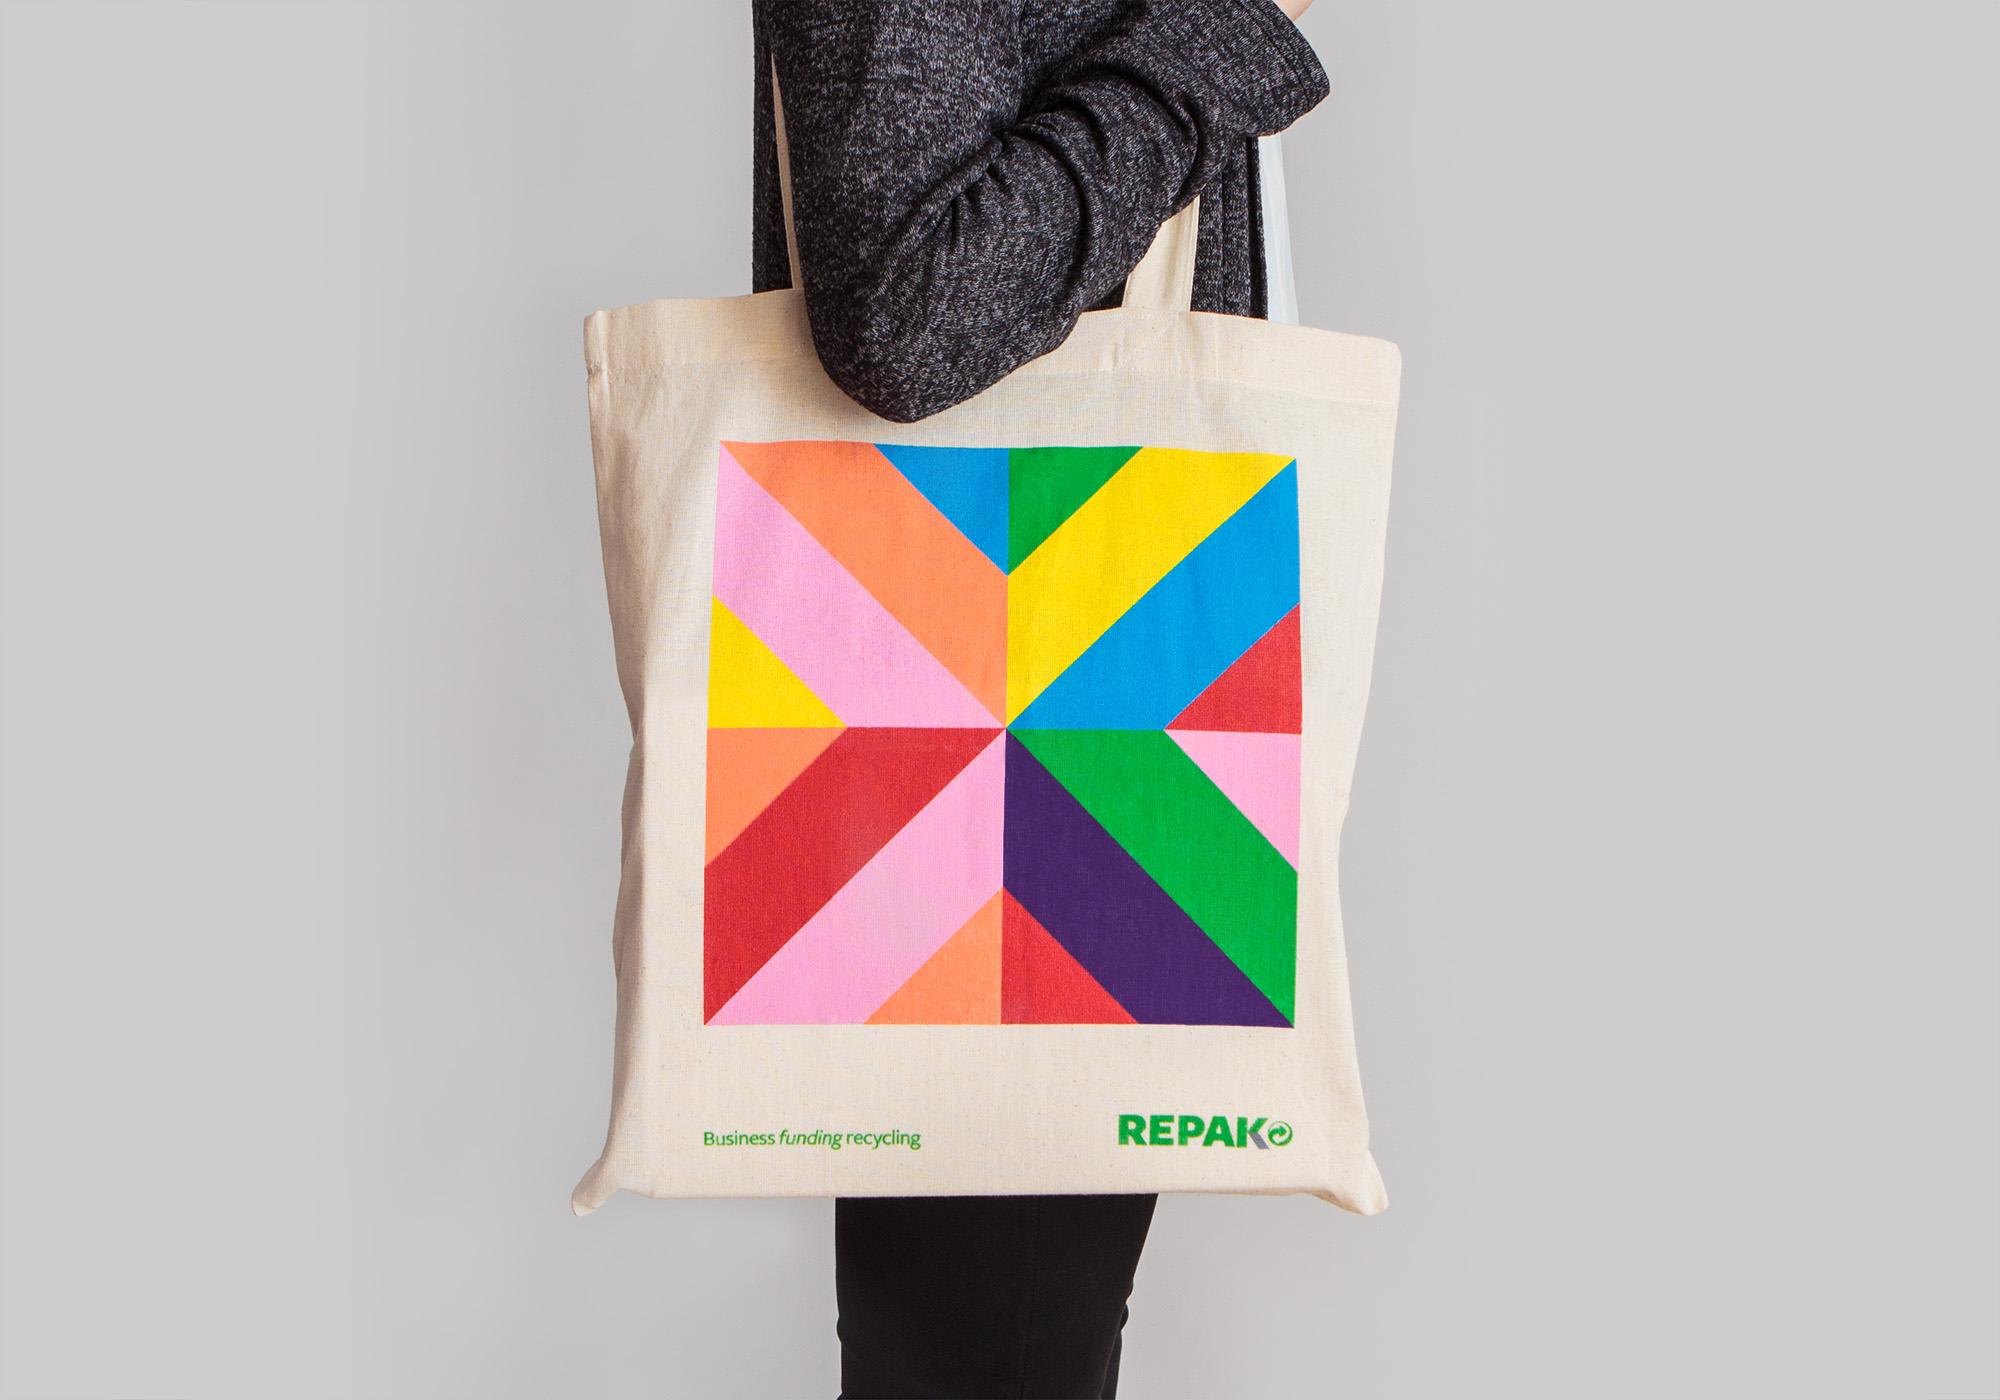 Cover image: Repak Rebrand